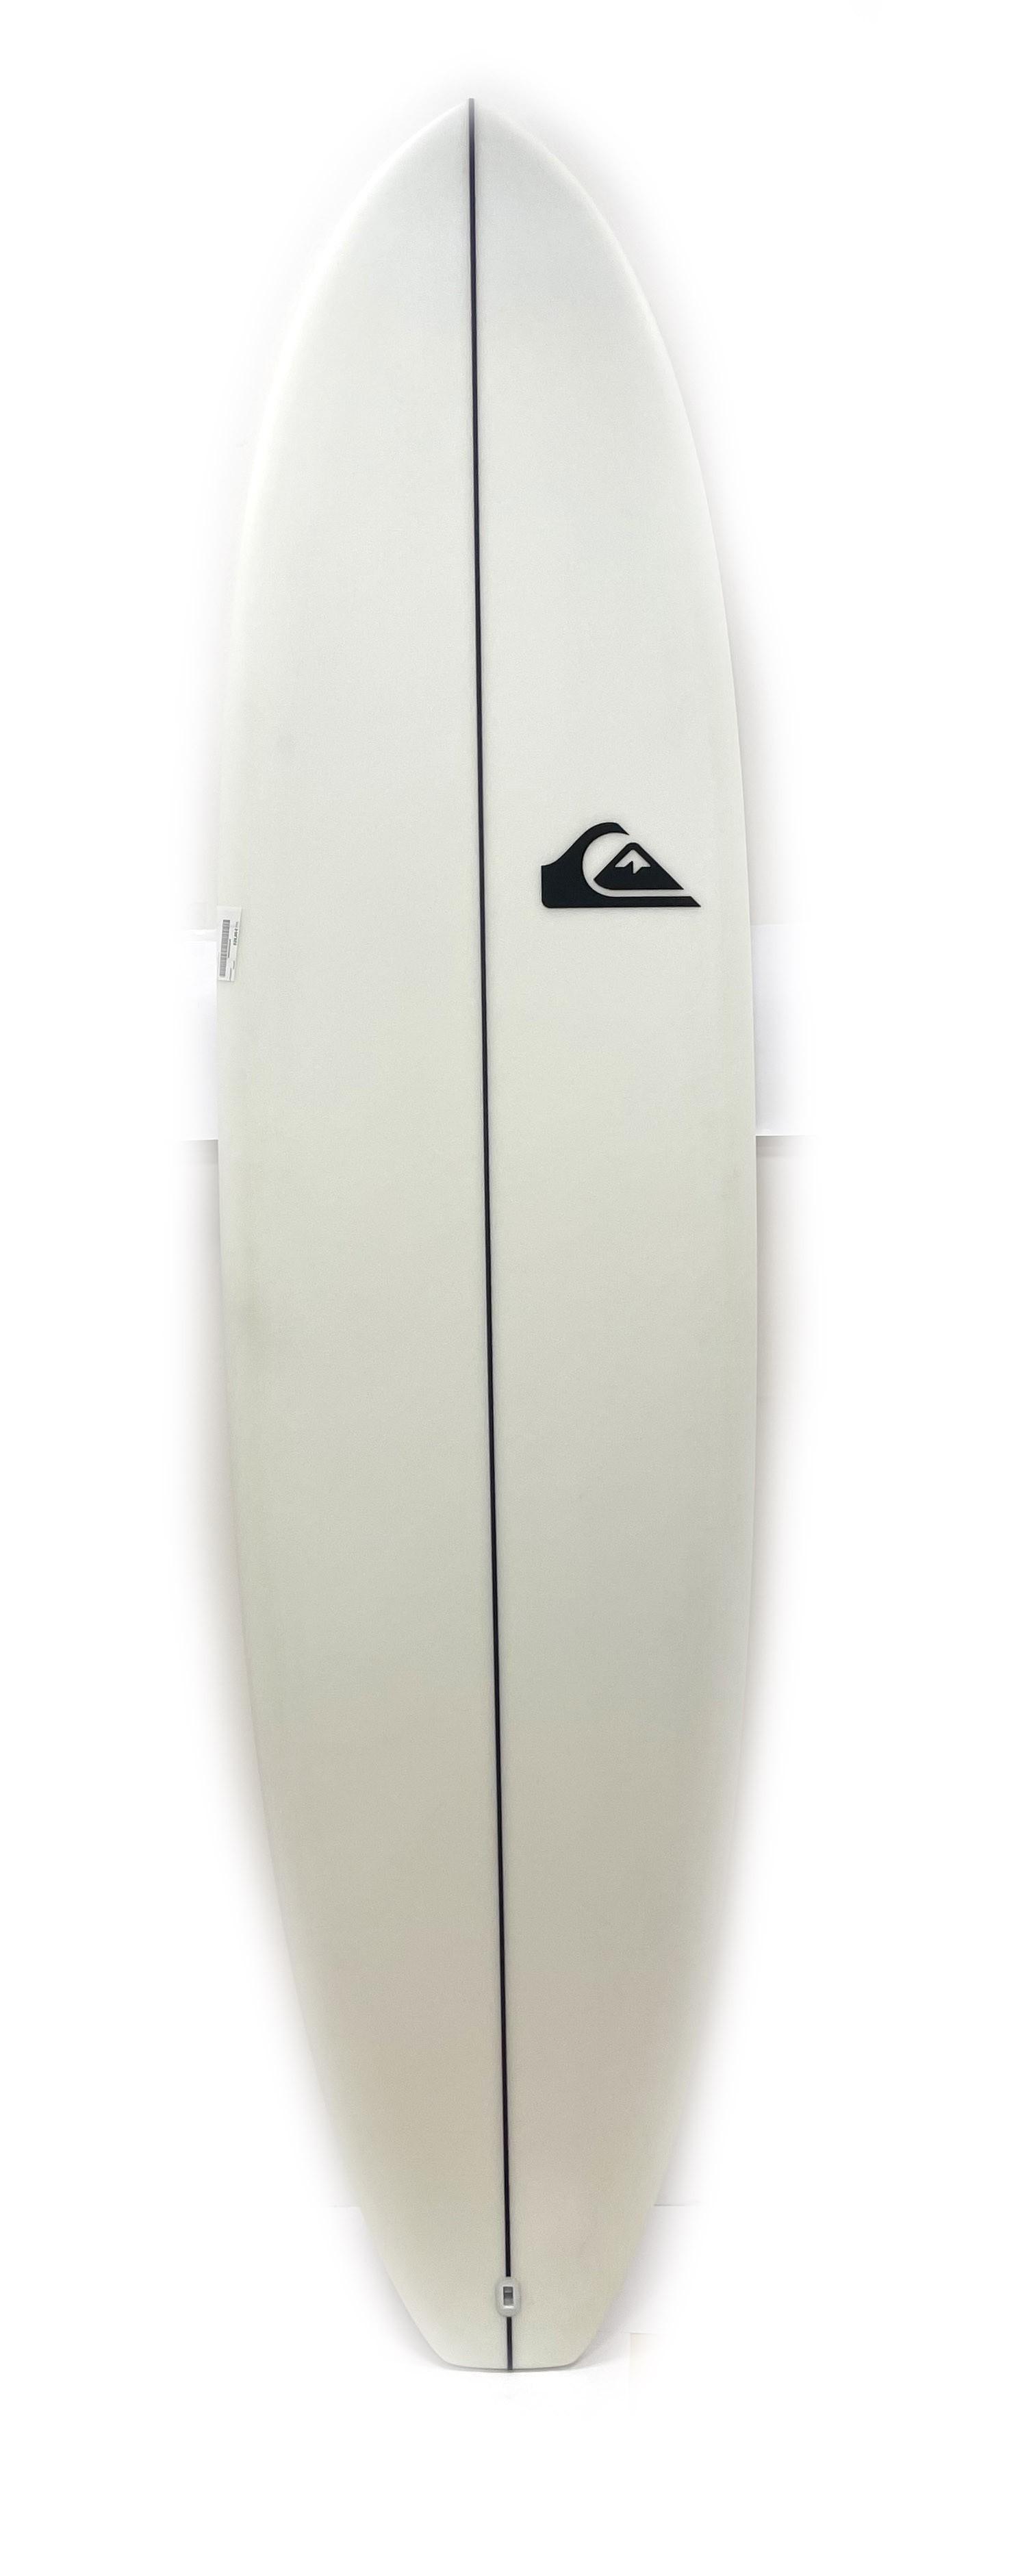 Planche de surf Quiksilver Discus 7'0 White